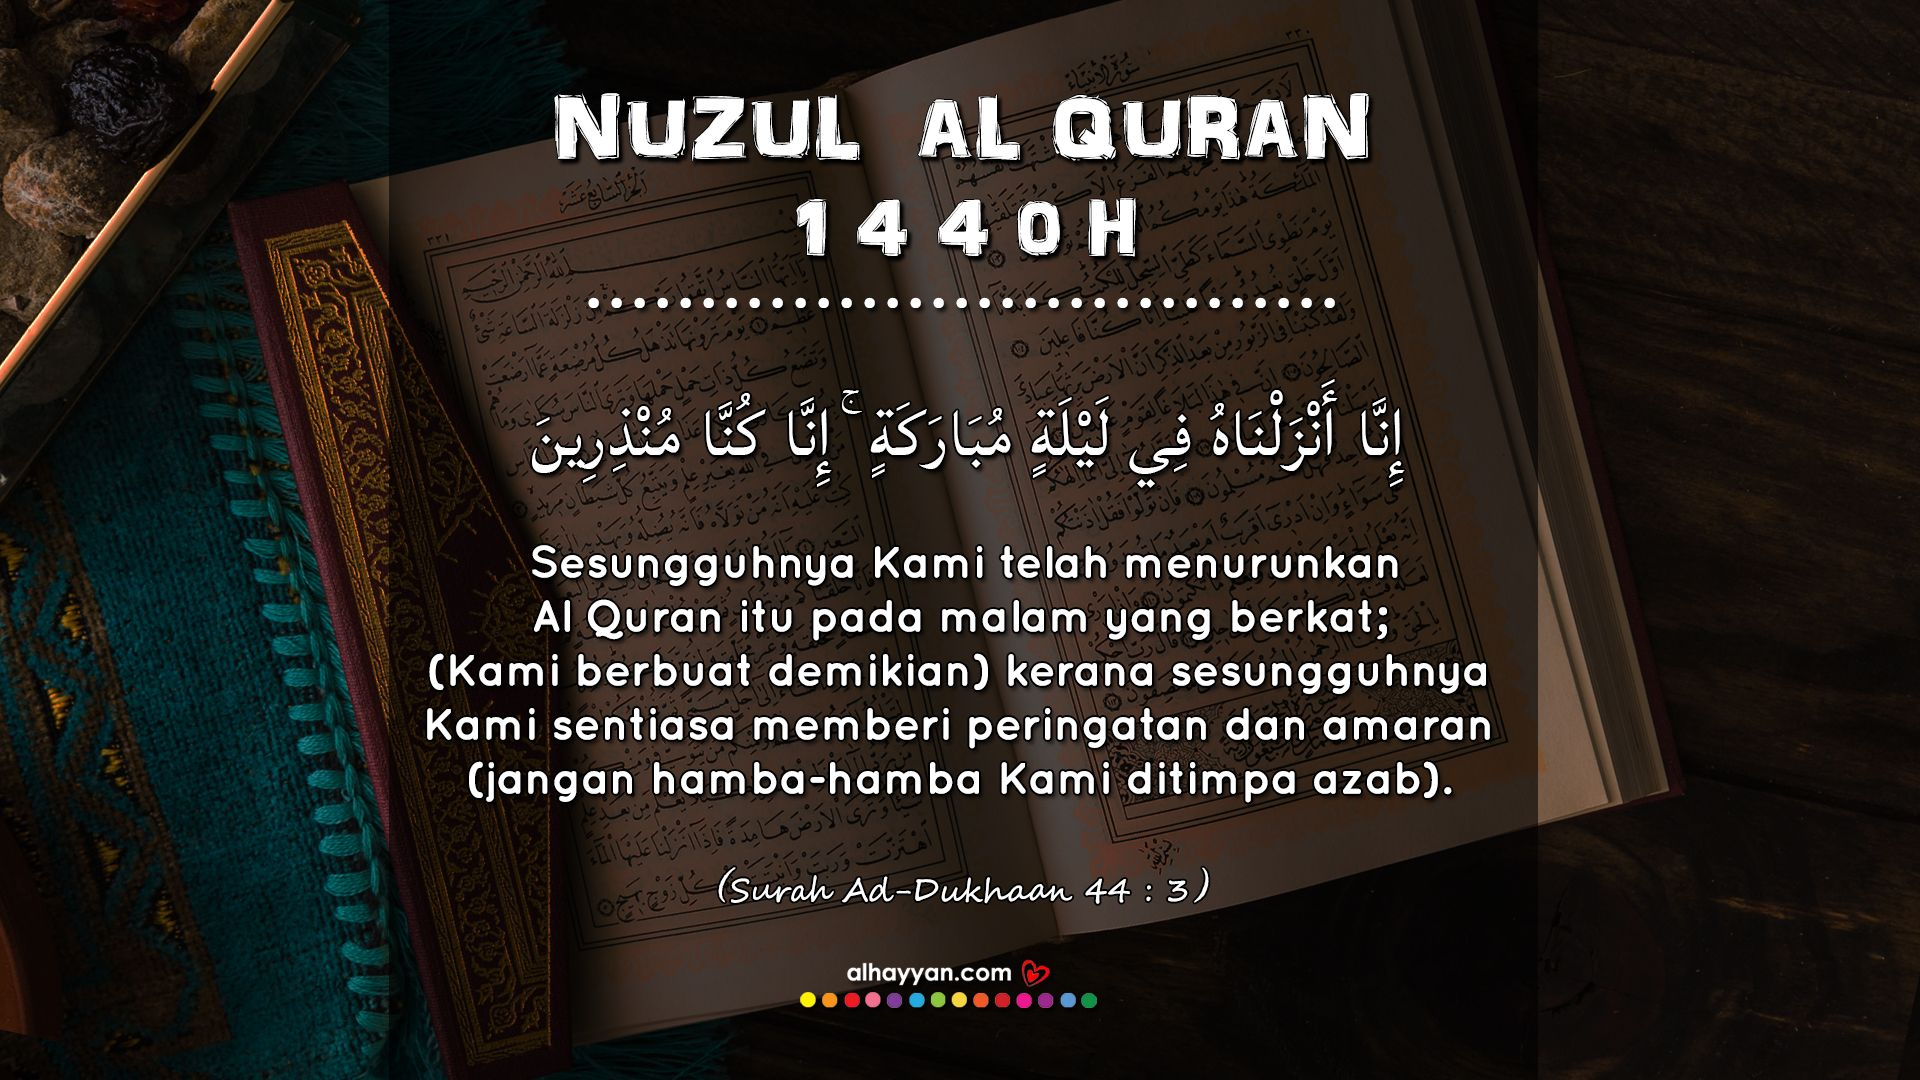 Salam Nuzul Al Quran 1440h With Images Quran Islamic Quotes